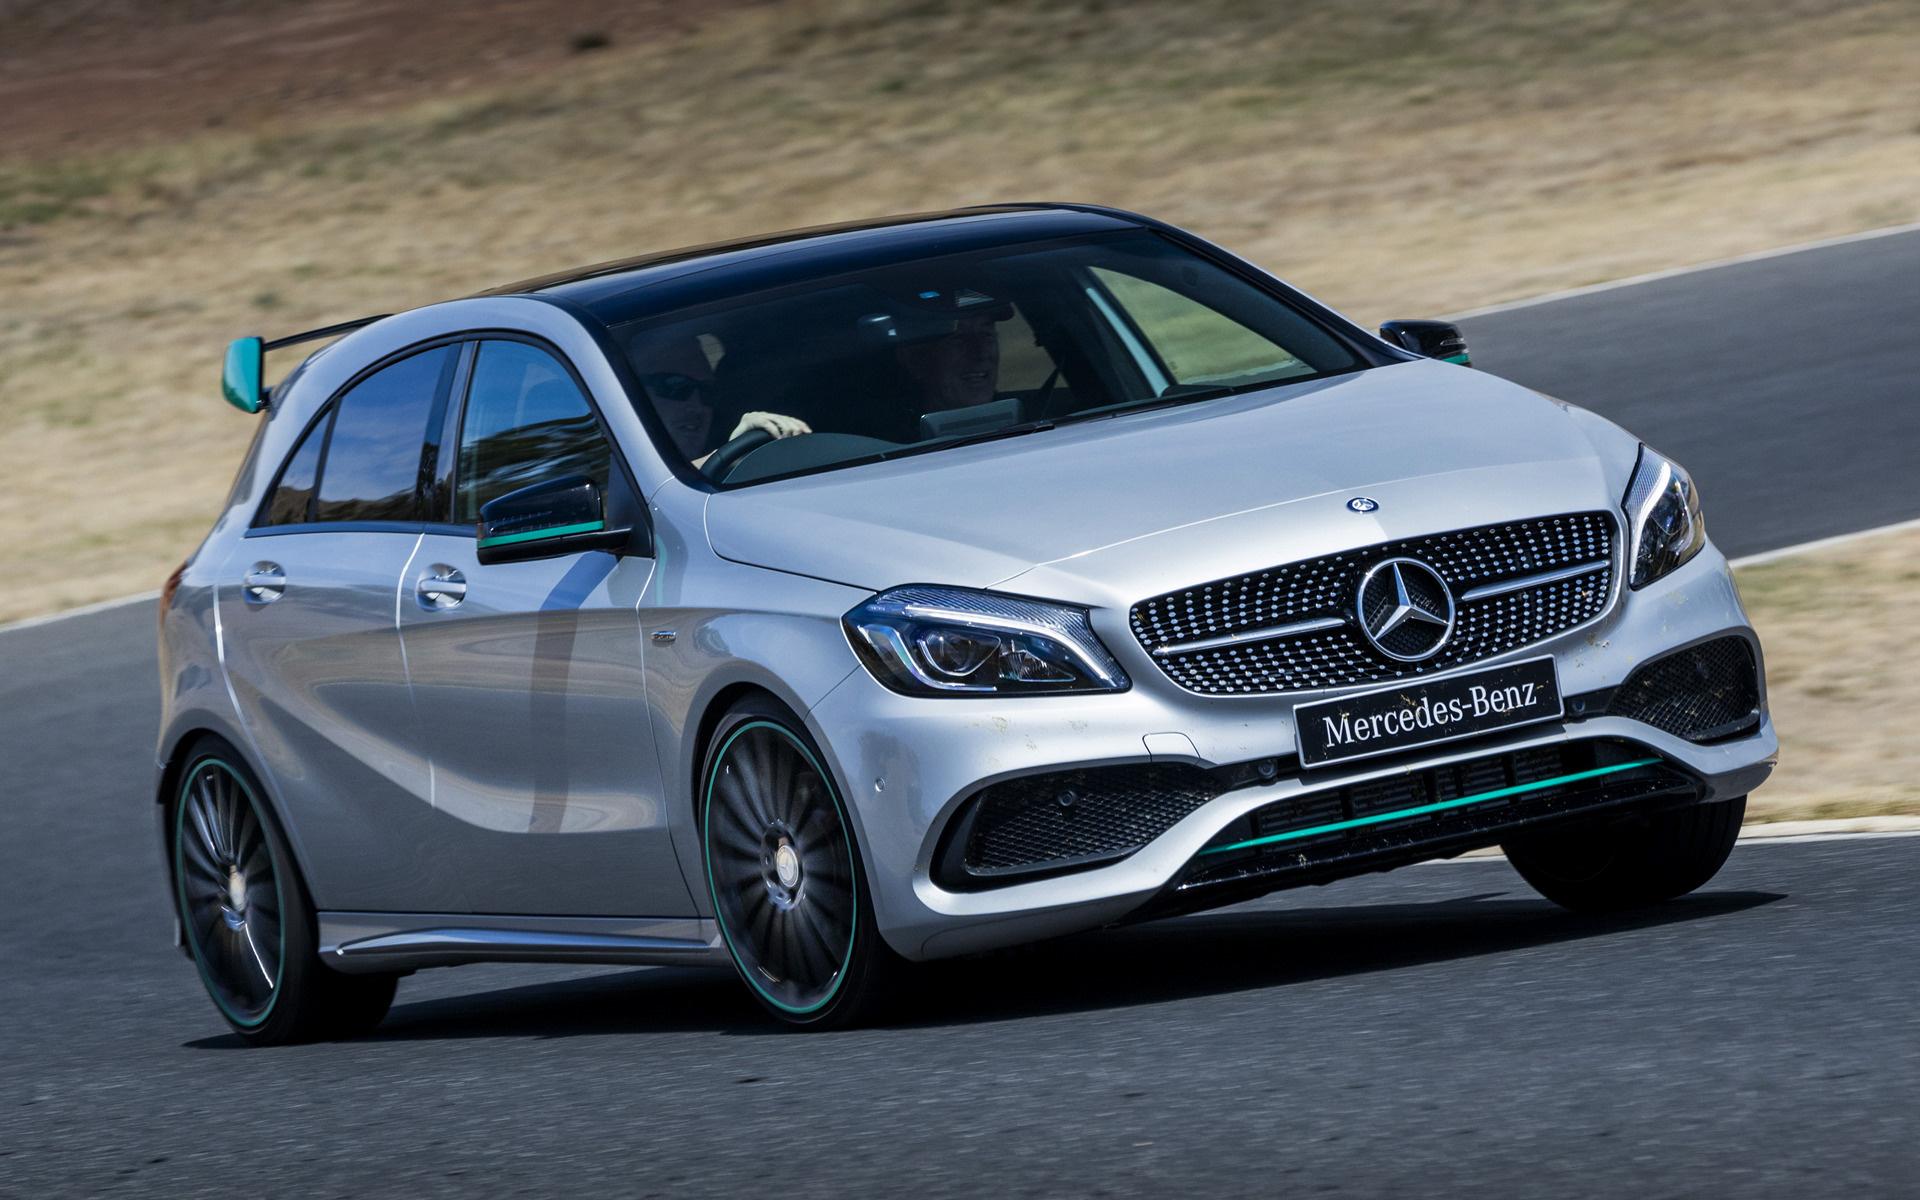 https://www.carpixel.net/w/1d5eaf72f9a92af1c9c5831927cb32b4/mercedes-benz-a-class-motorsport-edition-car-wallpaper-38425.jpg